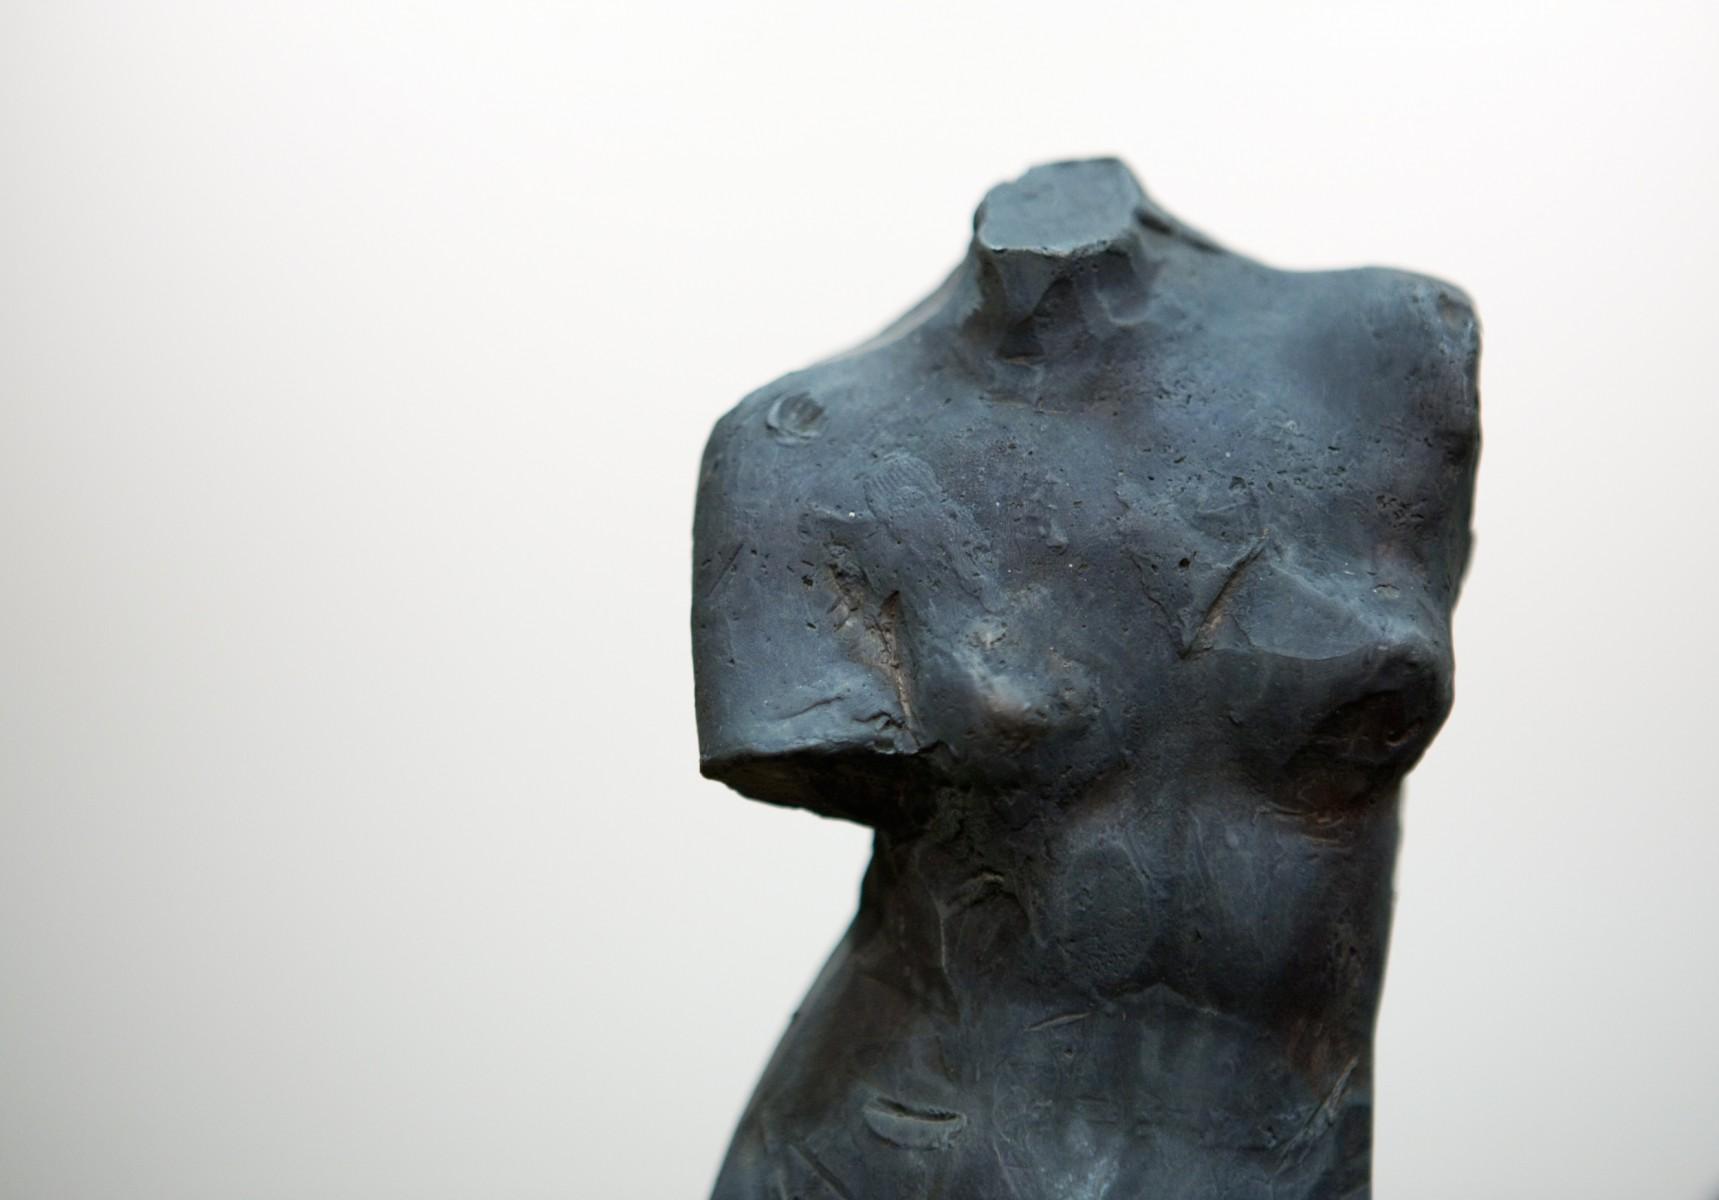 Sculpture of a woman's torso